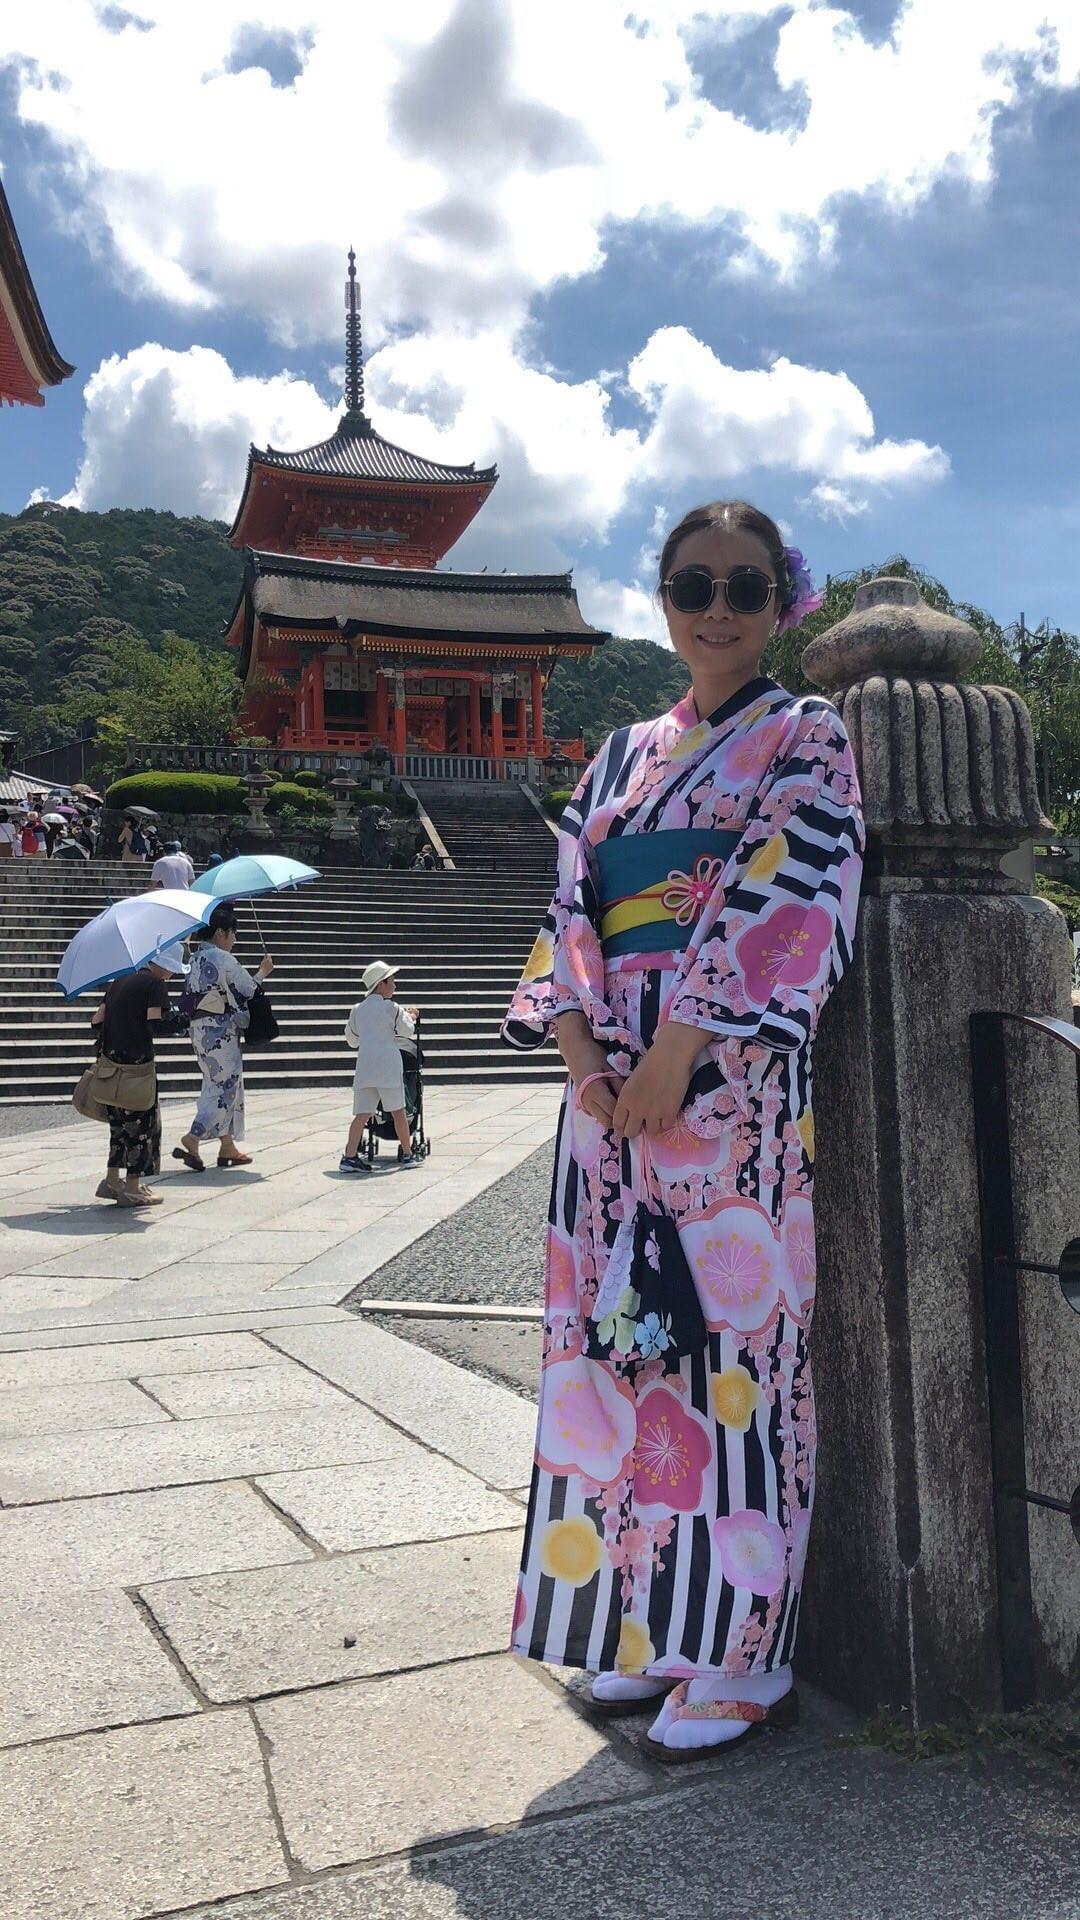 下鴨神社 糺ノ森でゆったりと♡2019年8月9日1